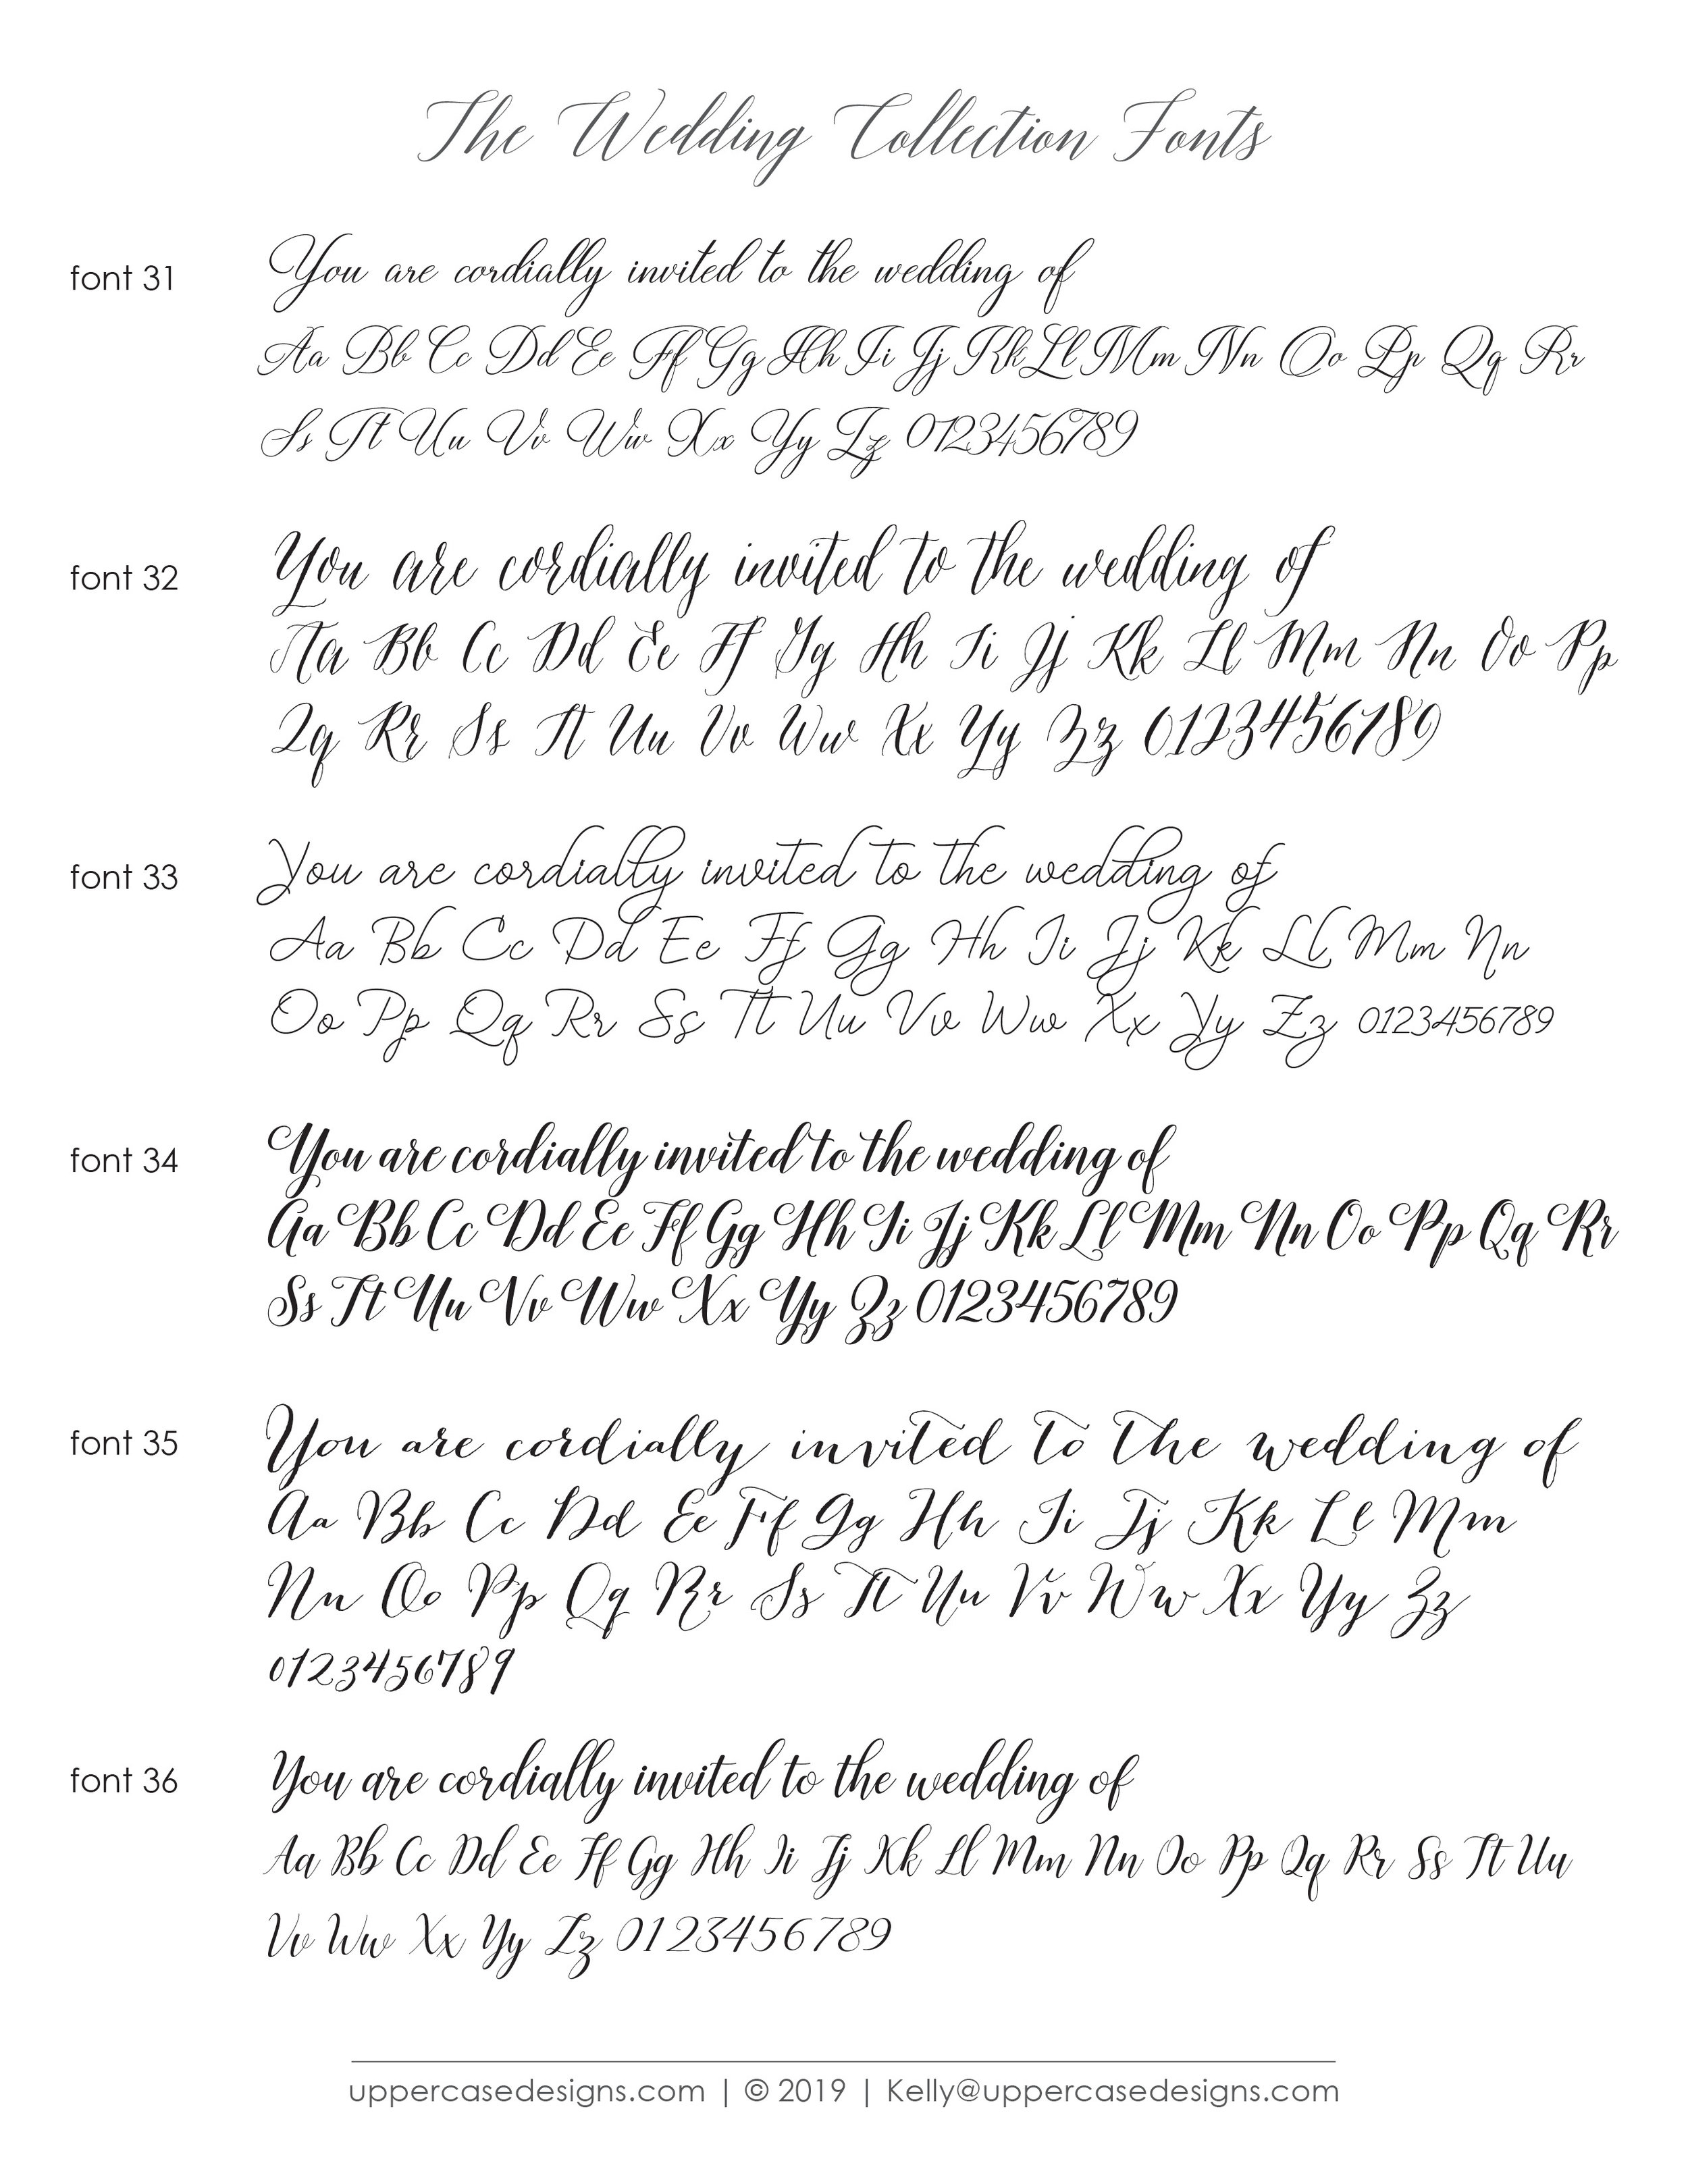 Uppercase Designs - Font Guide 20197.jpg